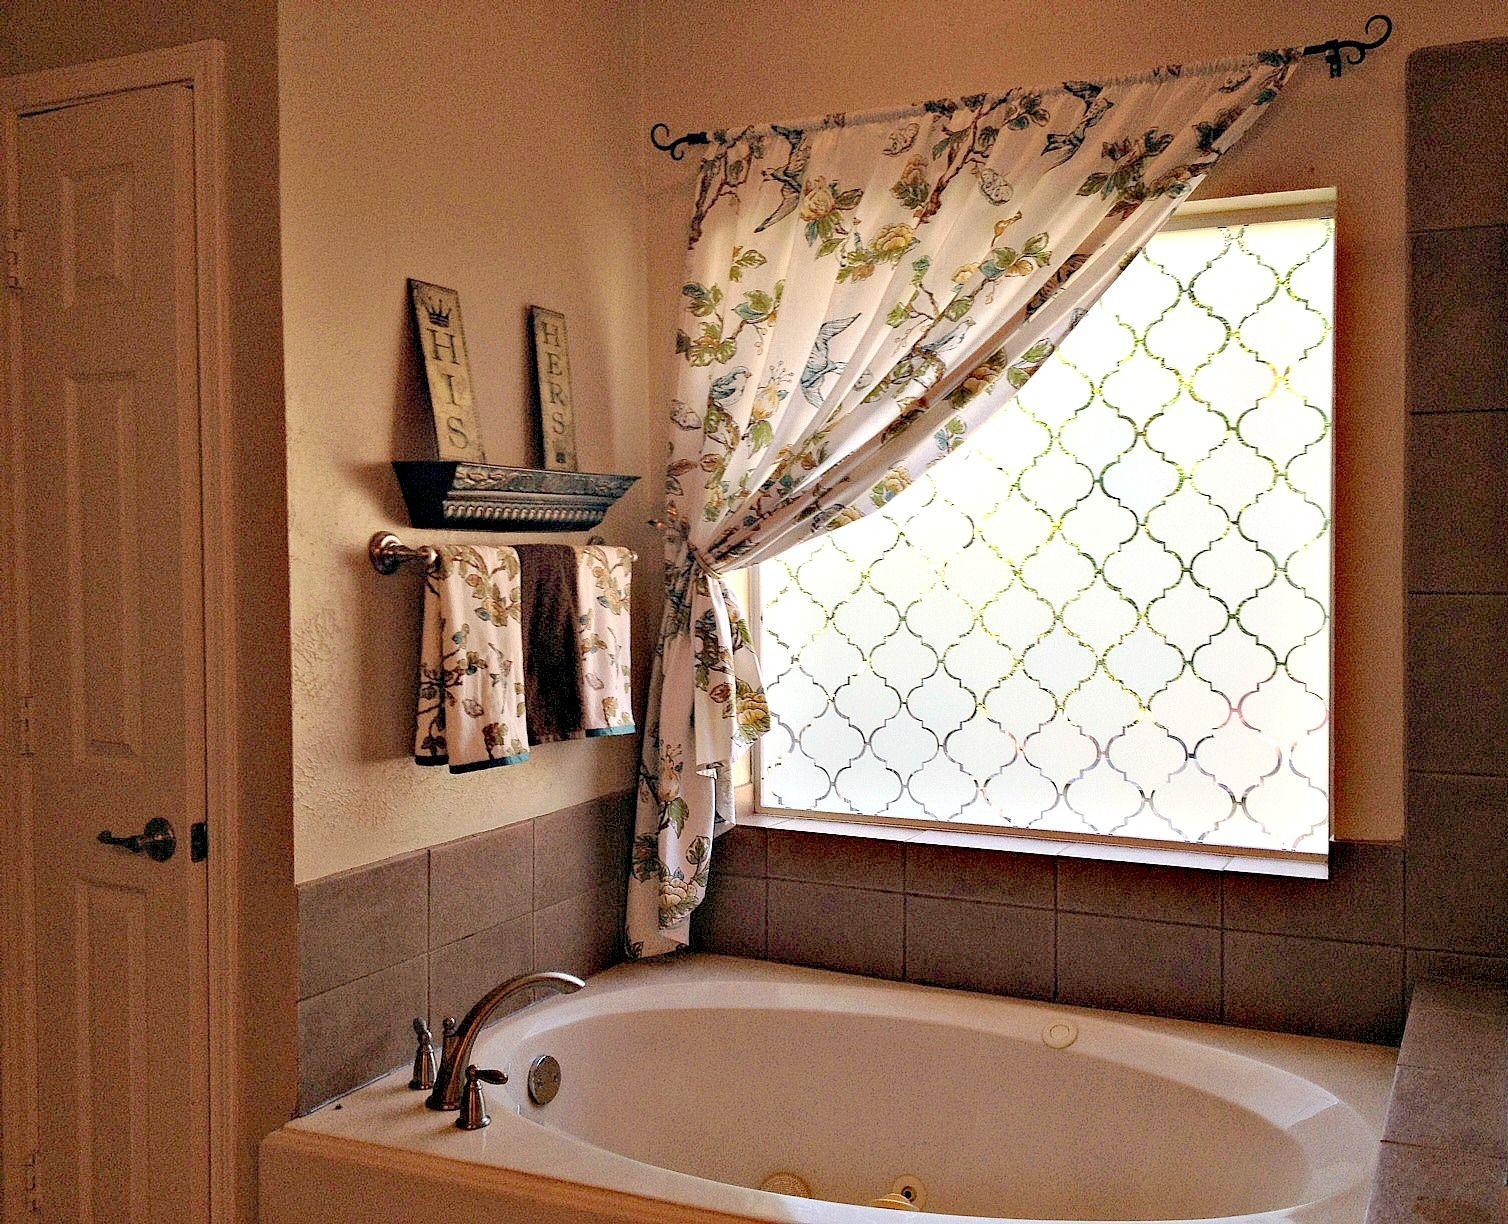 Curtain For Bathroom Window Waterproof Small Bathroom Window